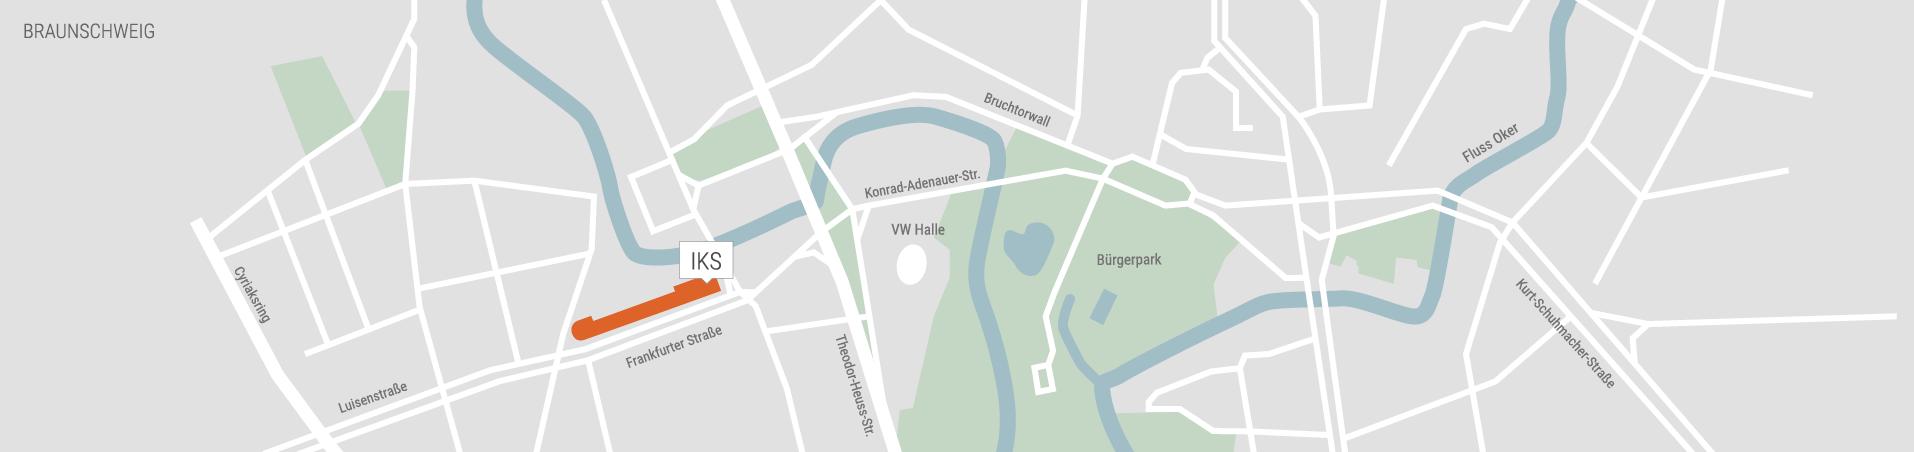 iks-map-bs